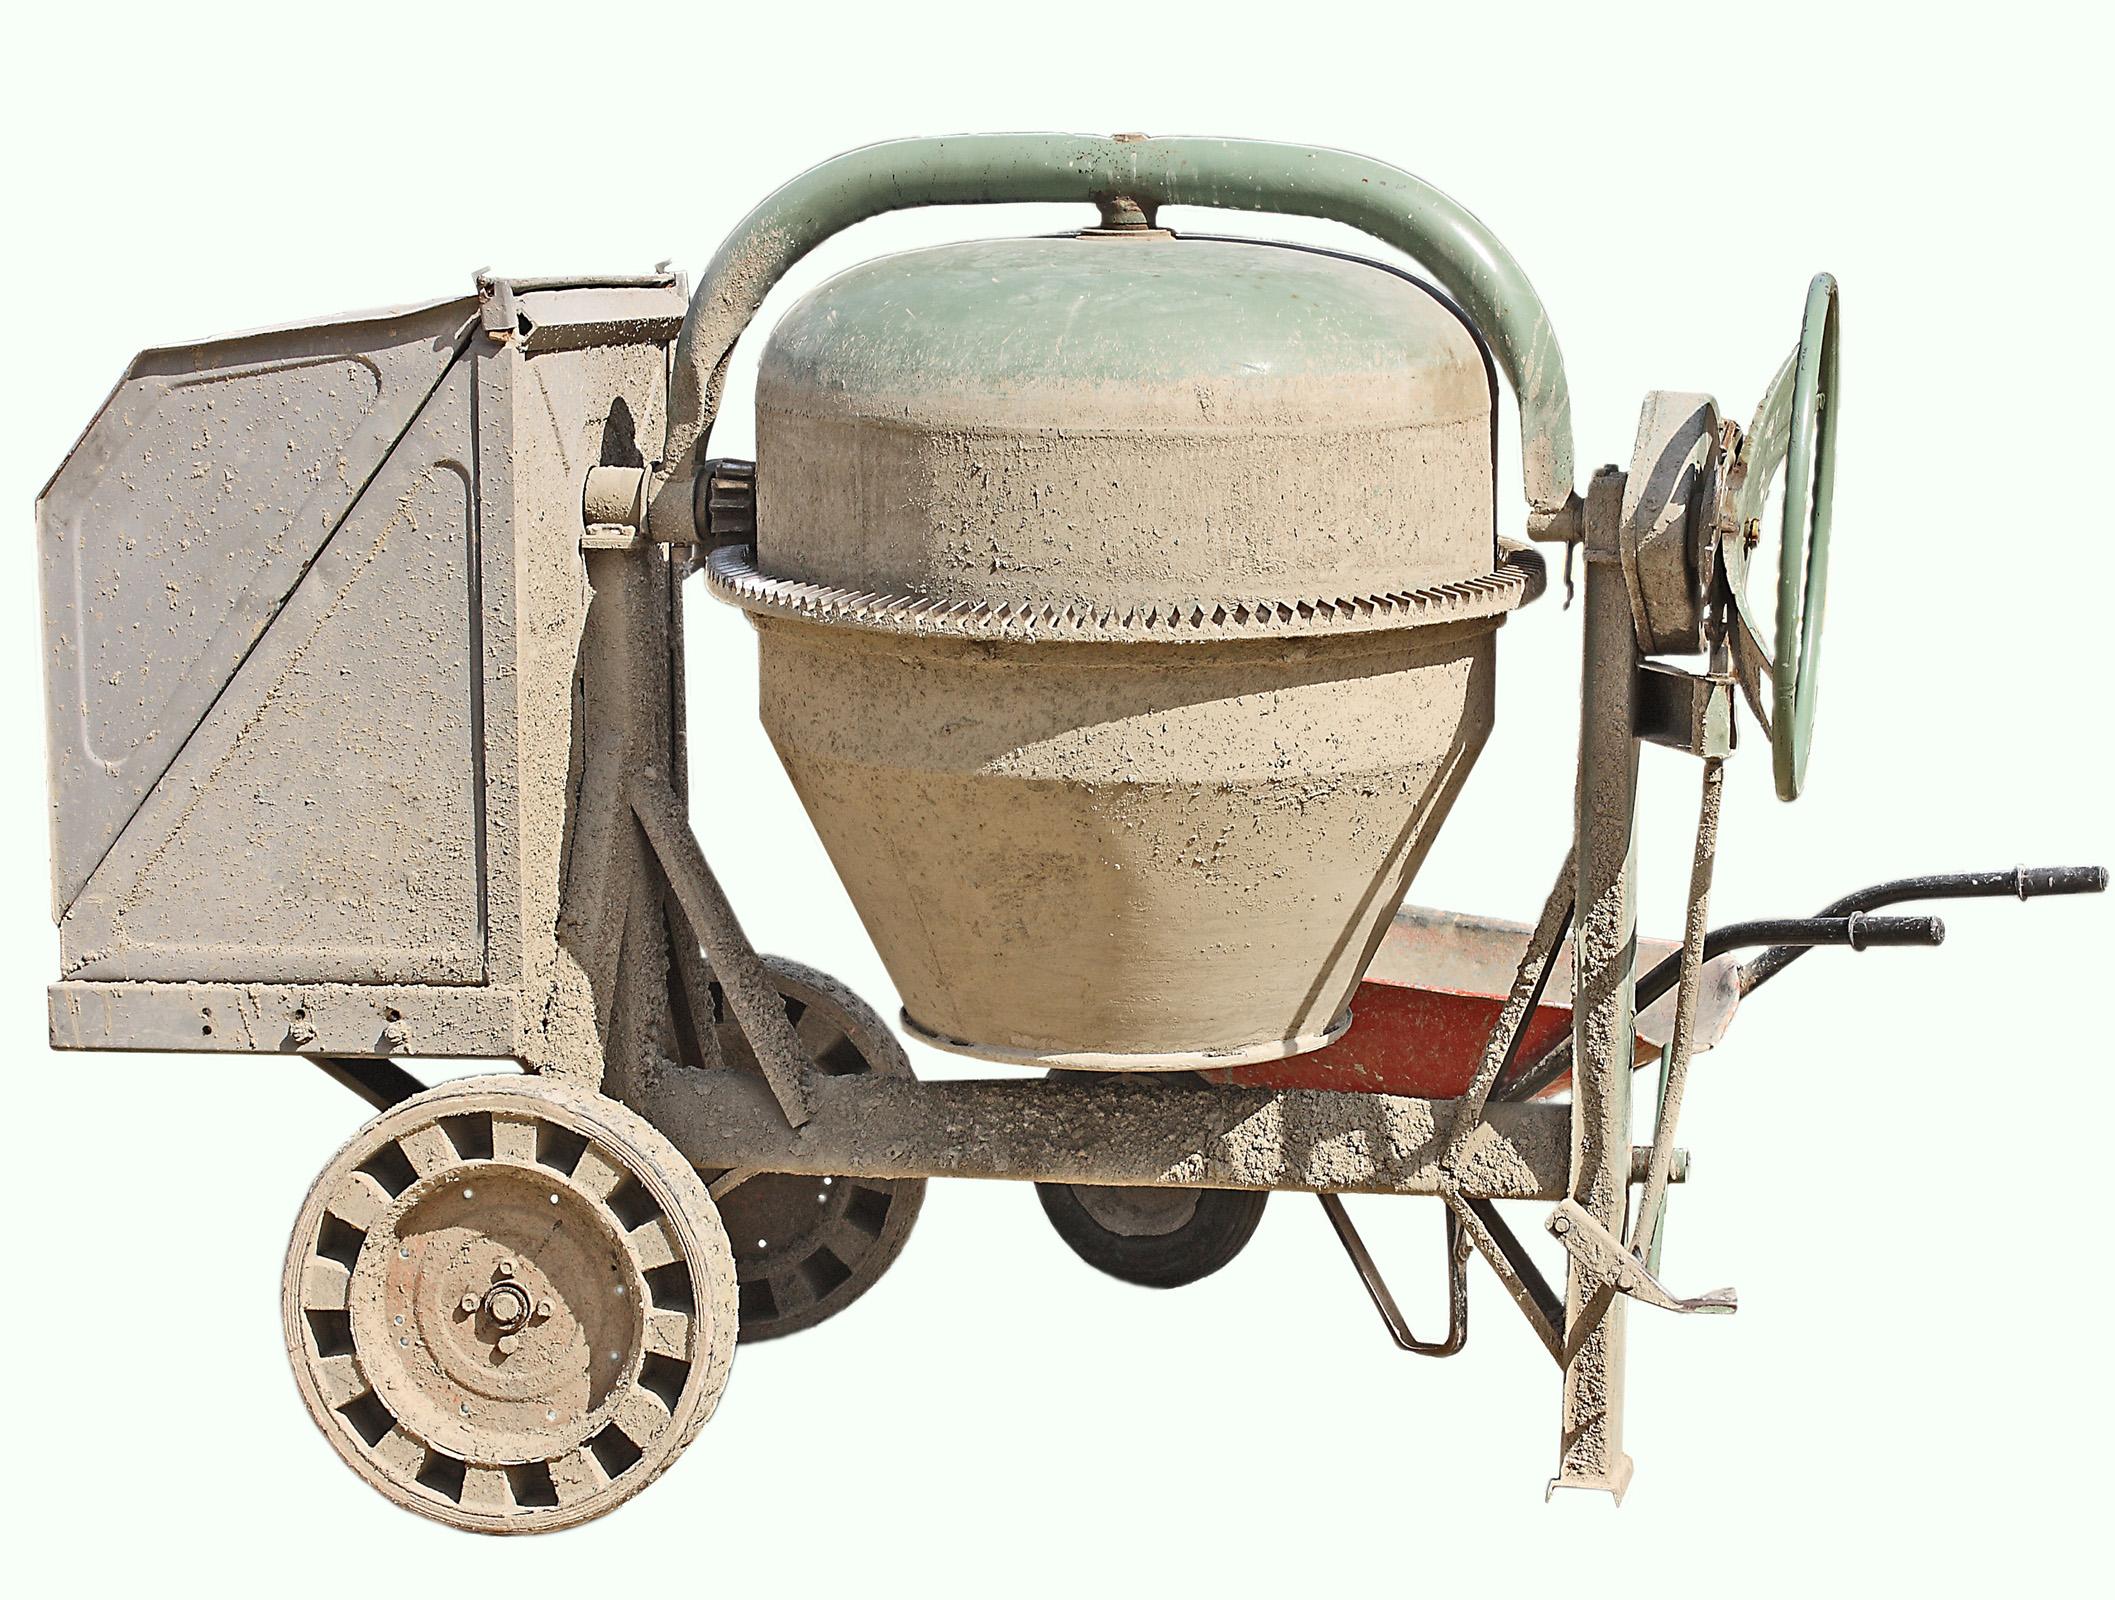 Grindų betonuotojas